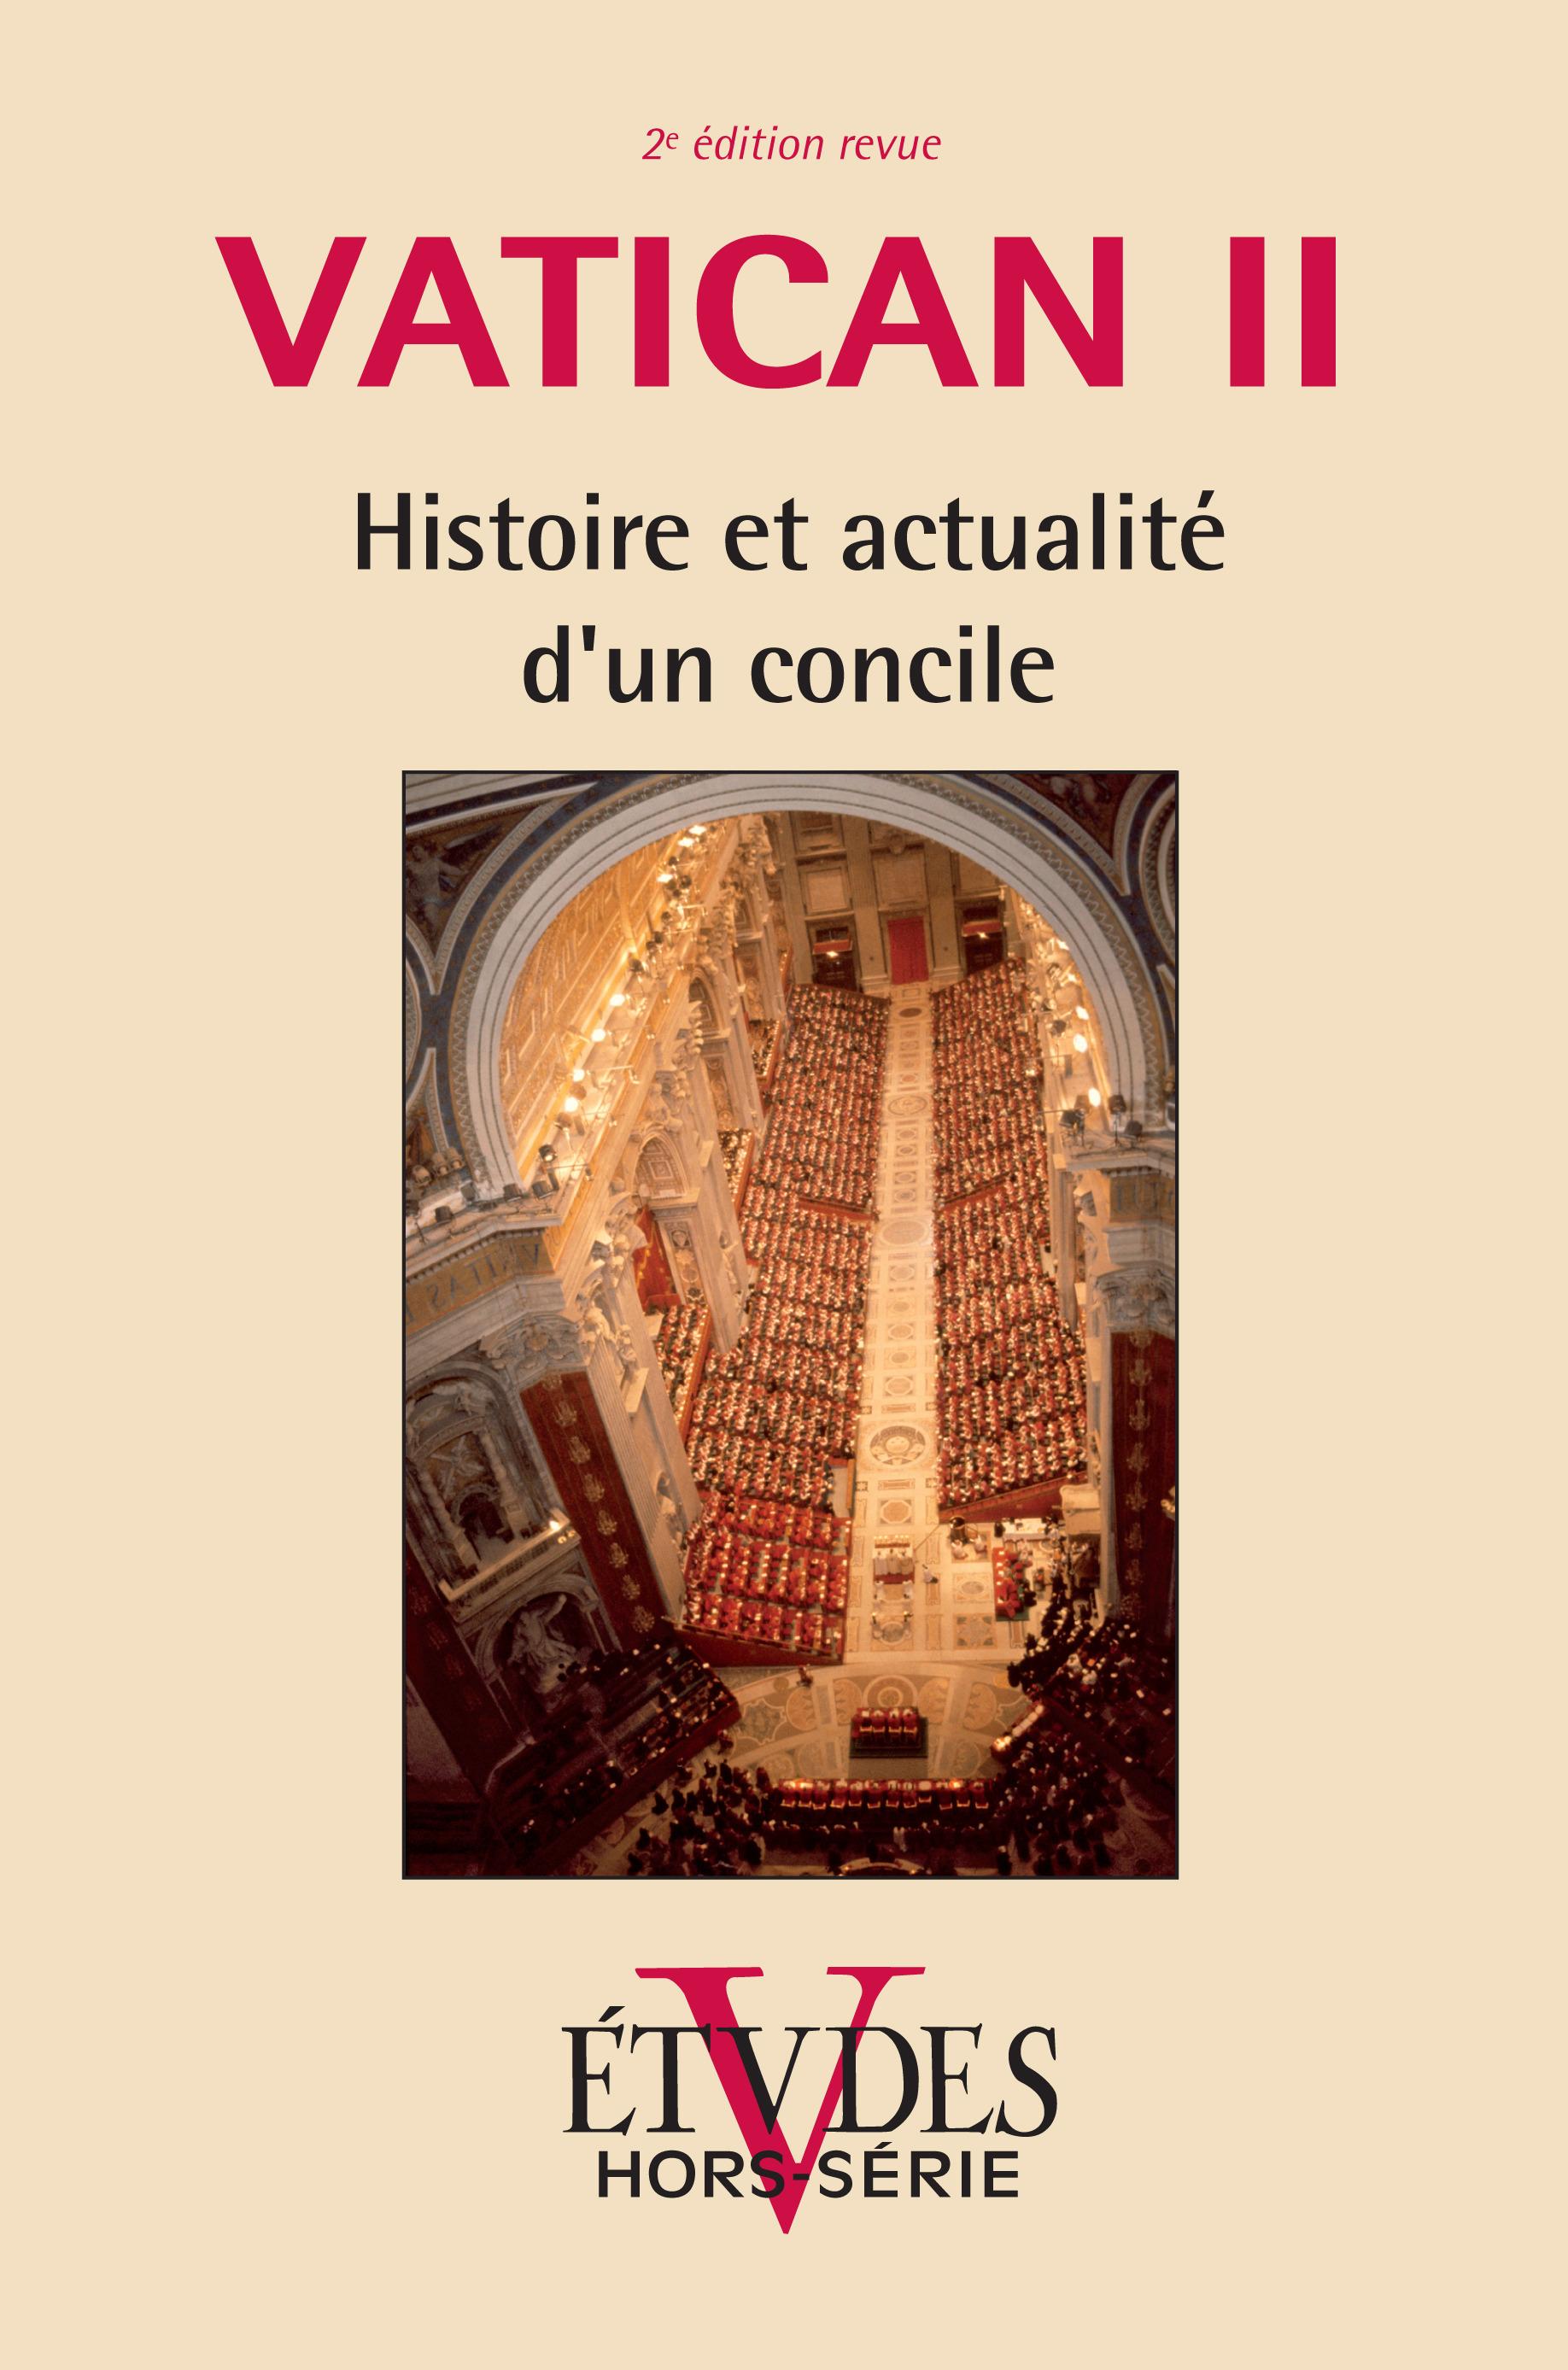 revue études ; Etudes Hors-Série 2010